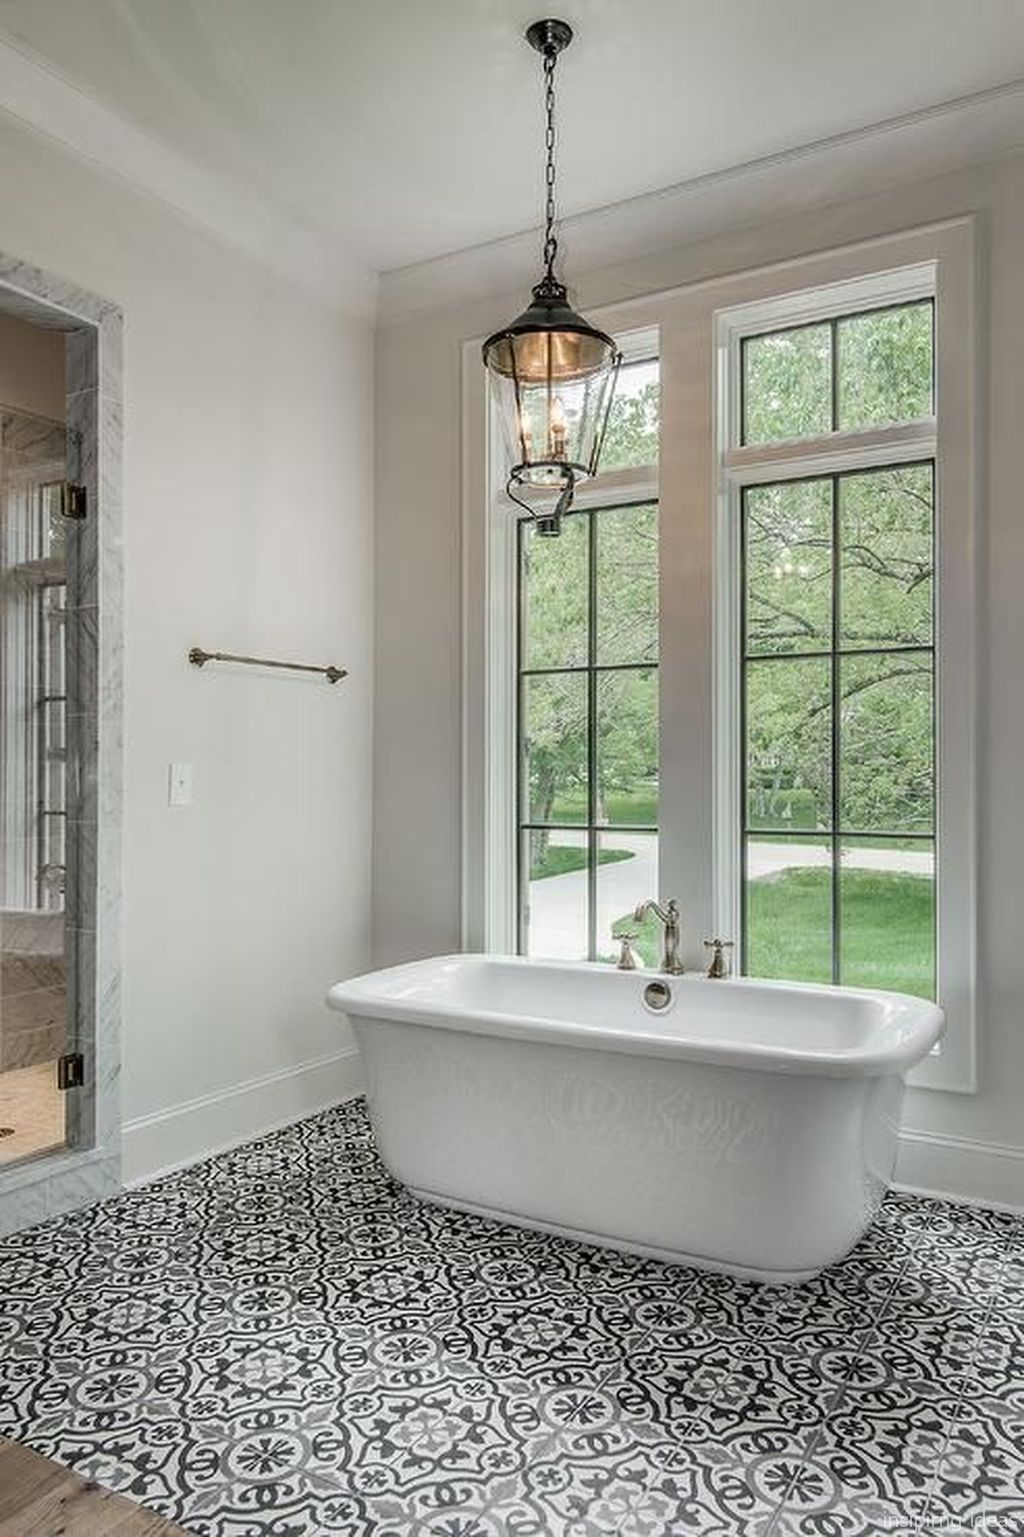 Adorable 67 Incredible Modern Farmhouse Bathroom Tile ... on Farmhouse Tile Bathroom Floor  id=92610